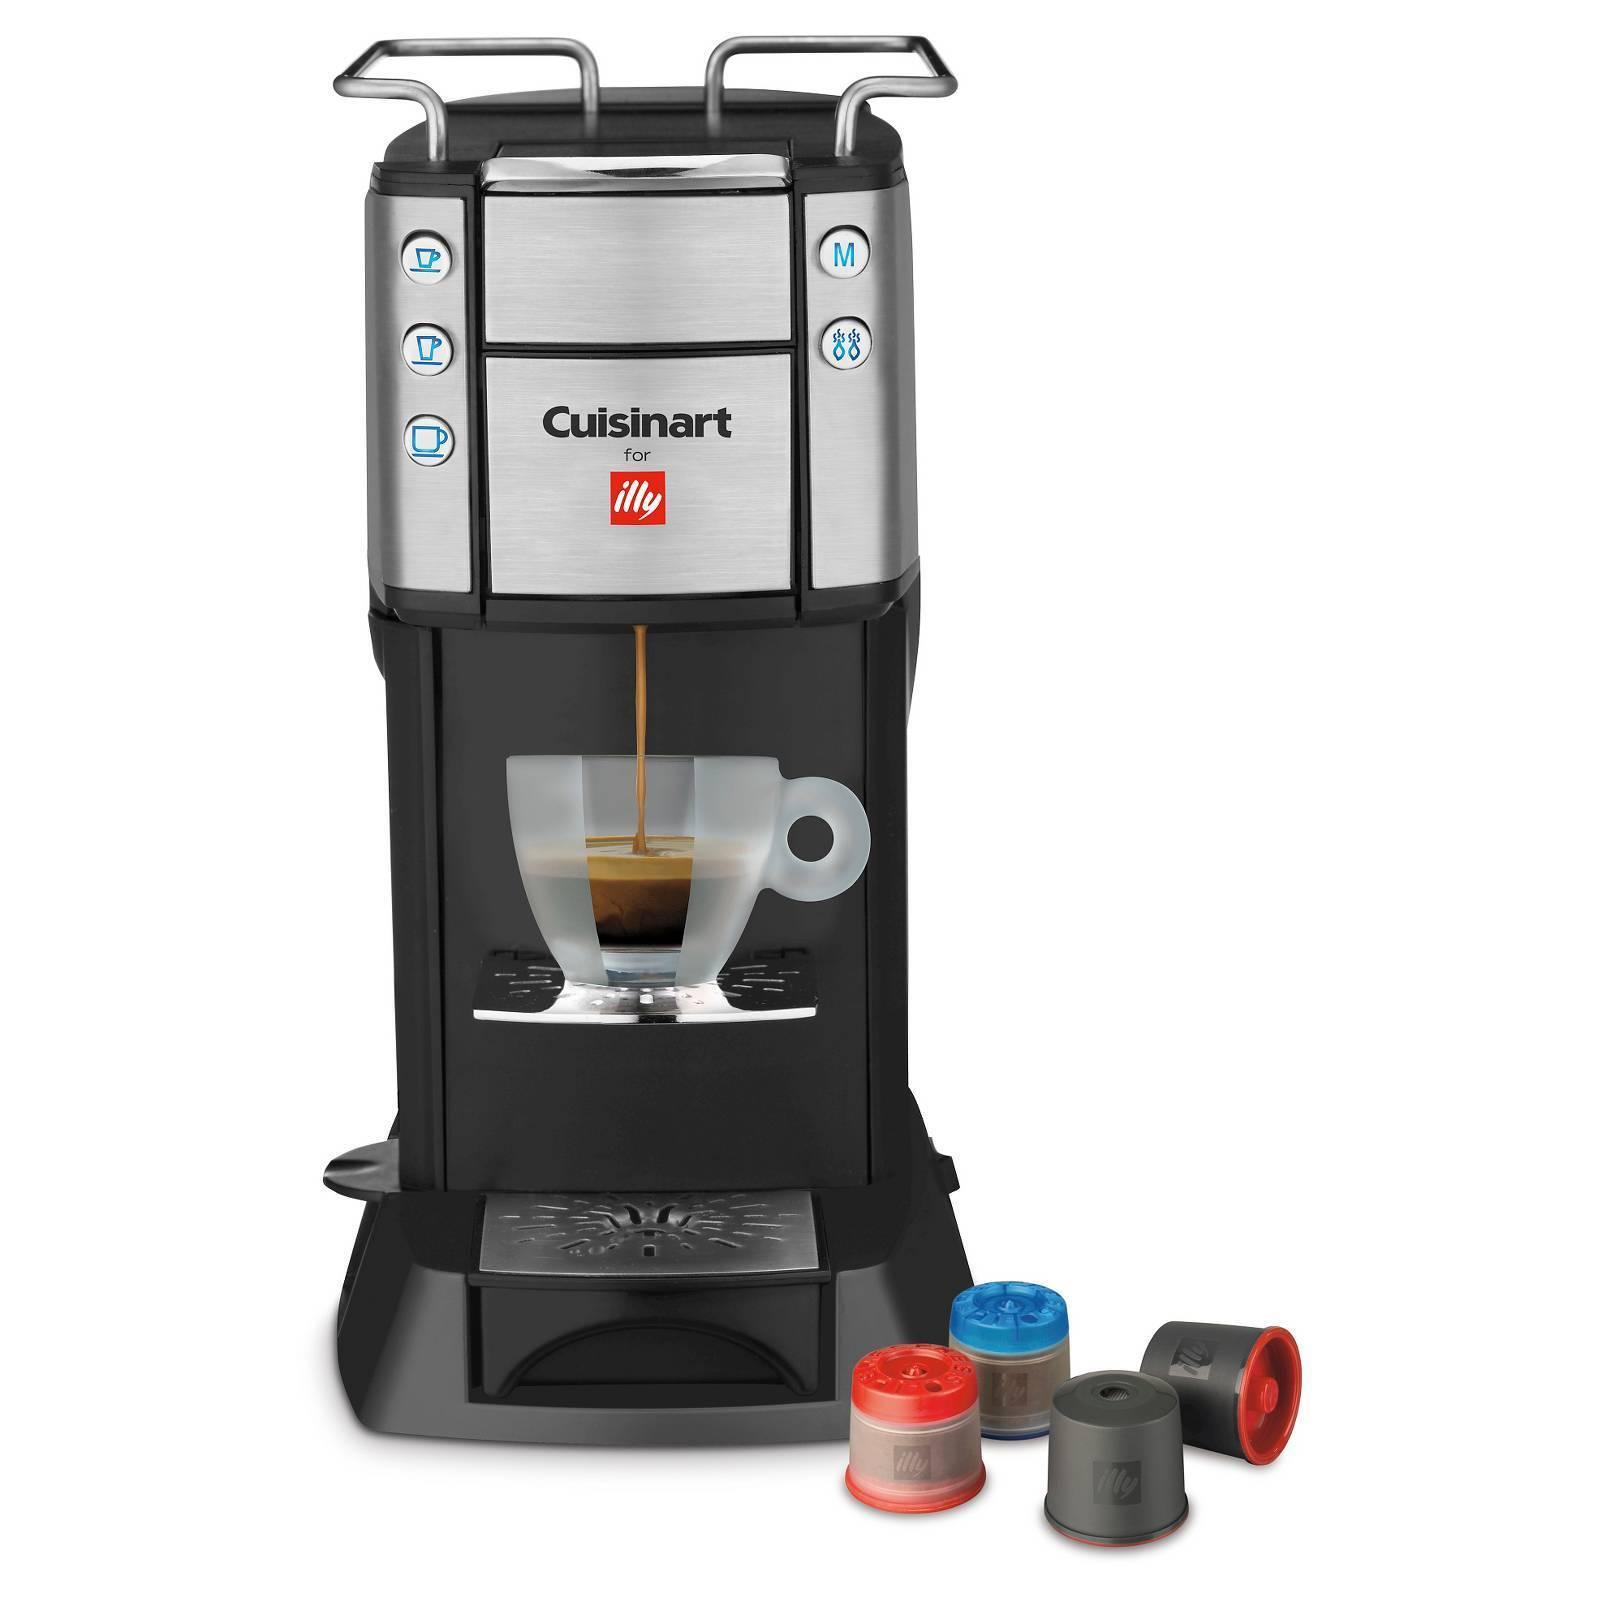 CUISINART FOR ILLY ESPRESSO COFFEE MAKER BUONA TAZZA EM-400 NEW IN BOX